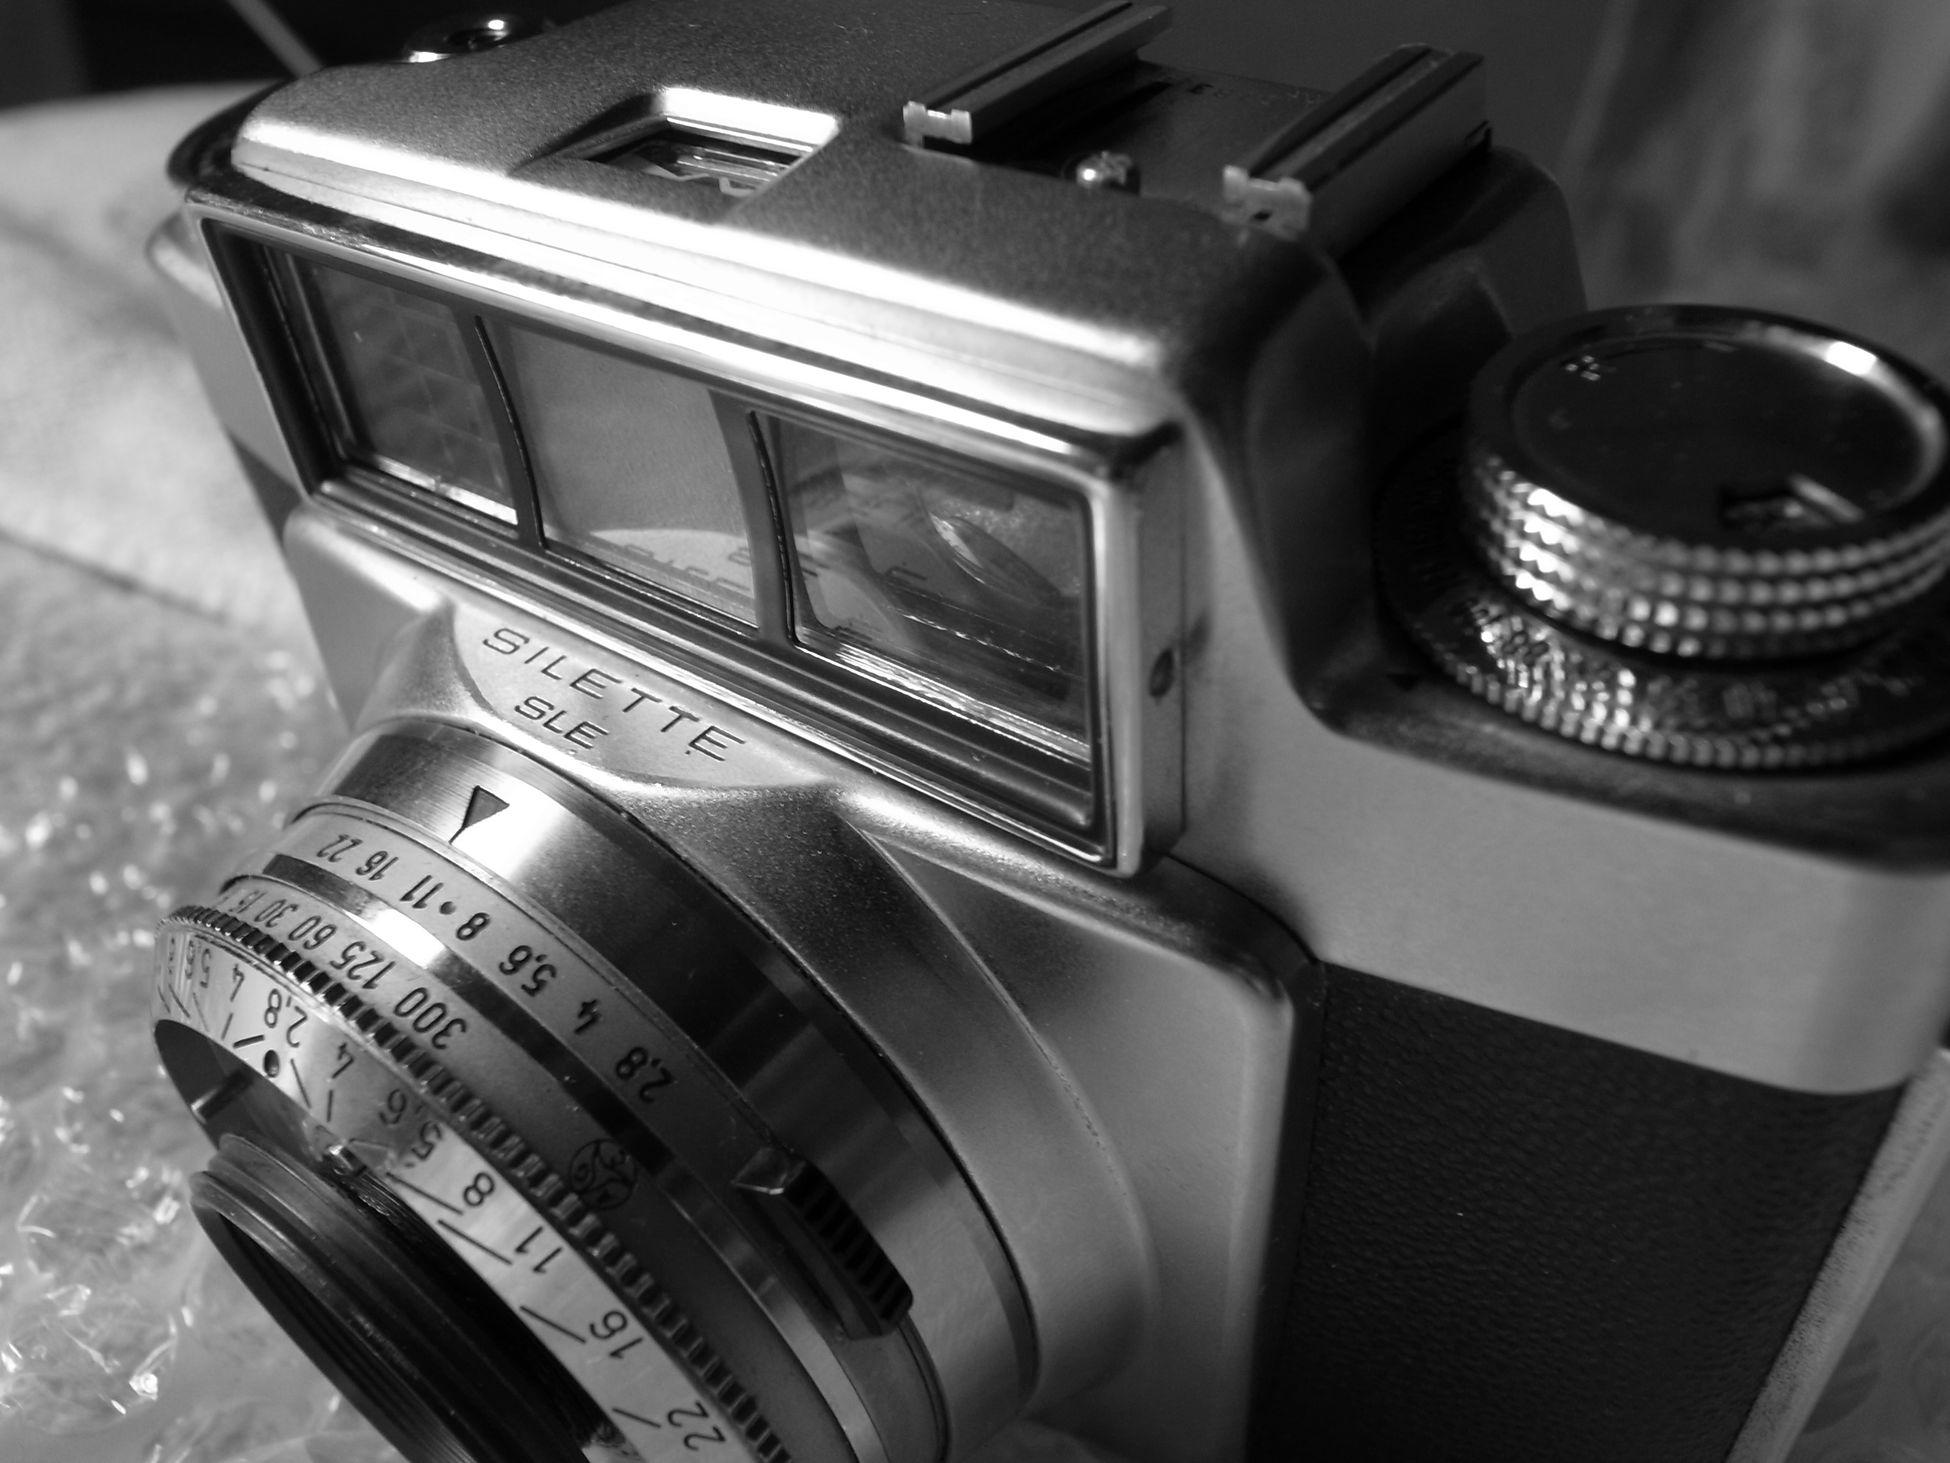 まぁ…こんなジャンク品だけれど(^^; カメラ Agfasilette Agfa Silette SLE Bought This Junk Film Camera Hello World NEW WORLD  Enjoying Life Black And White Monochrome